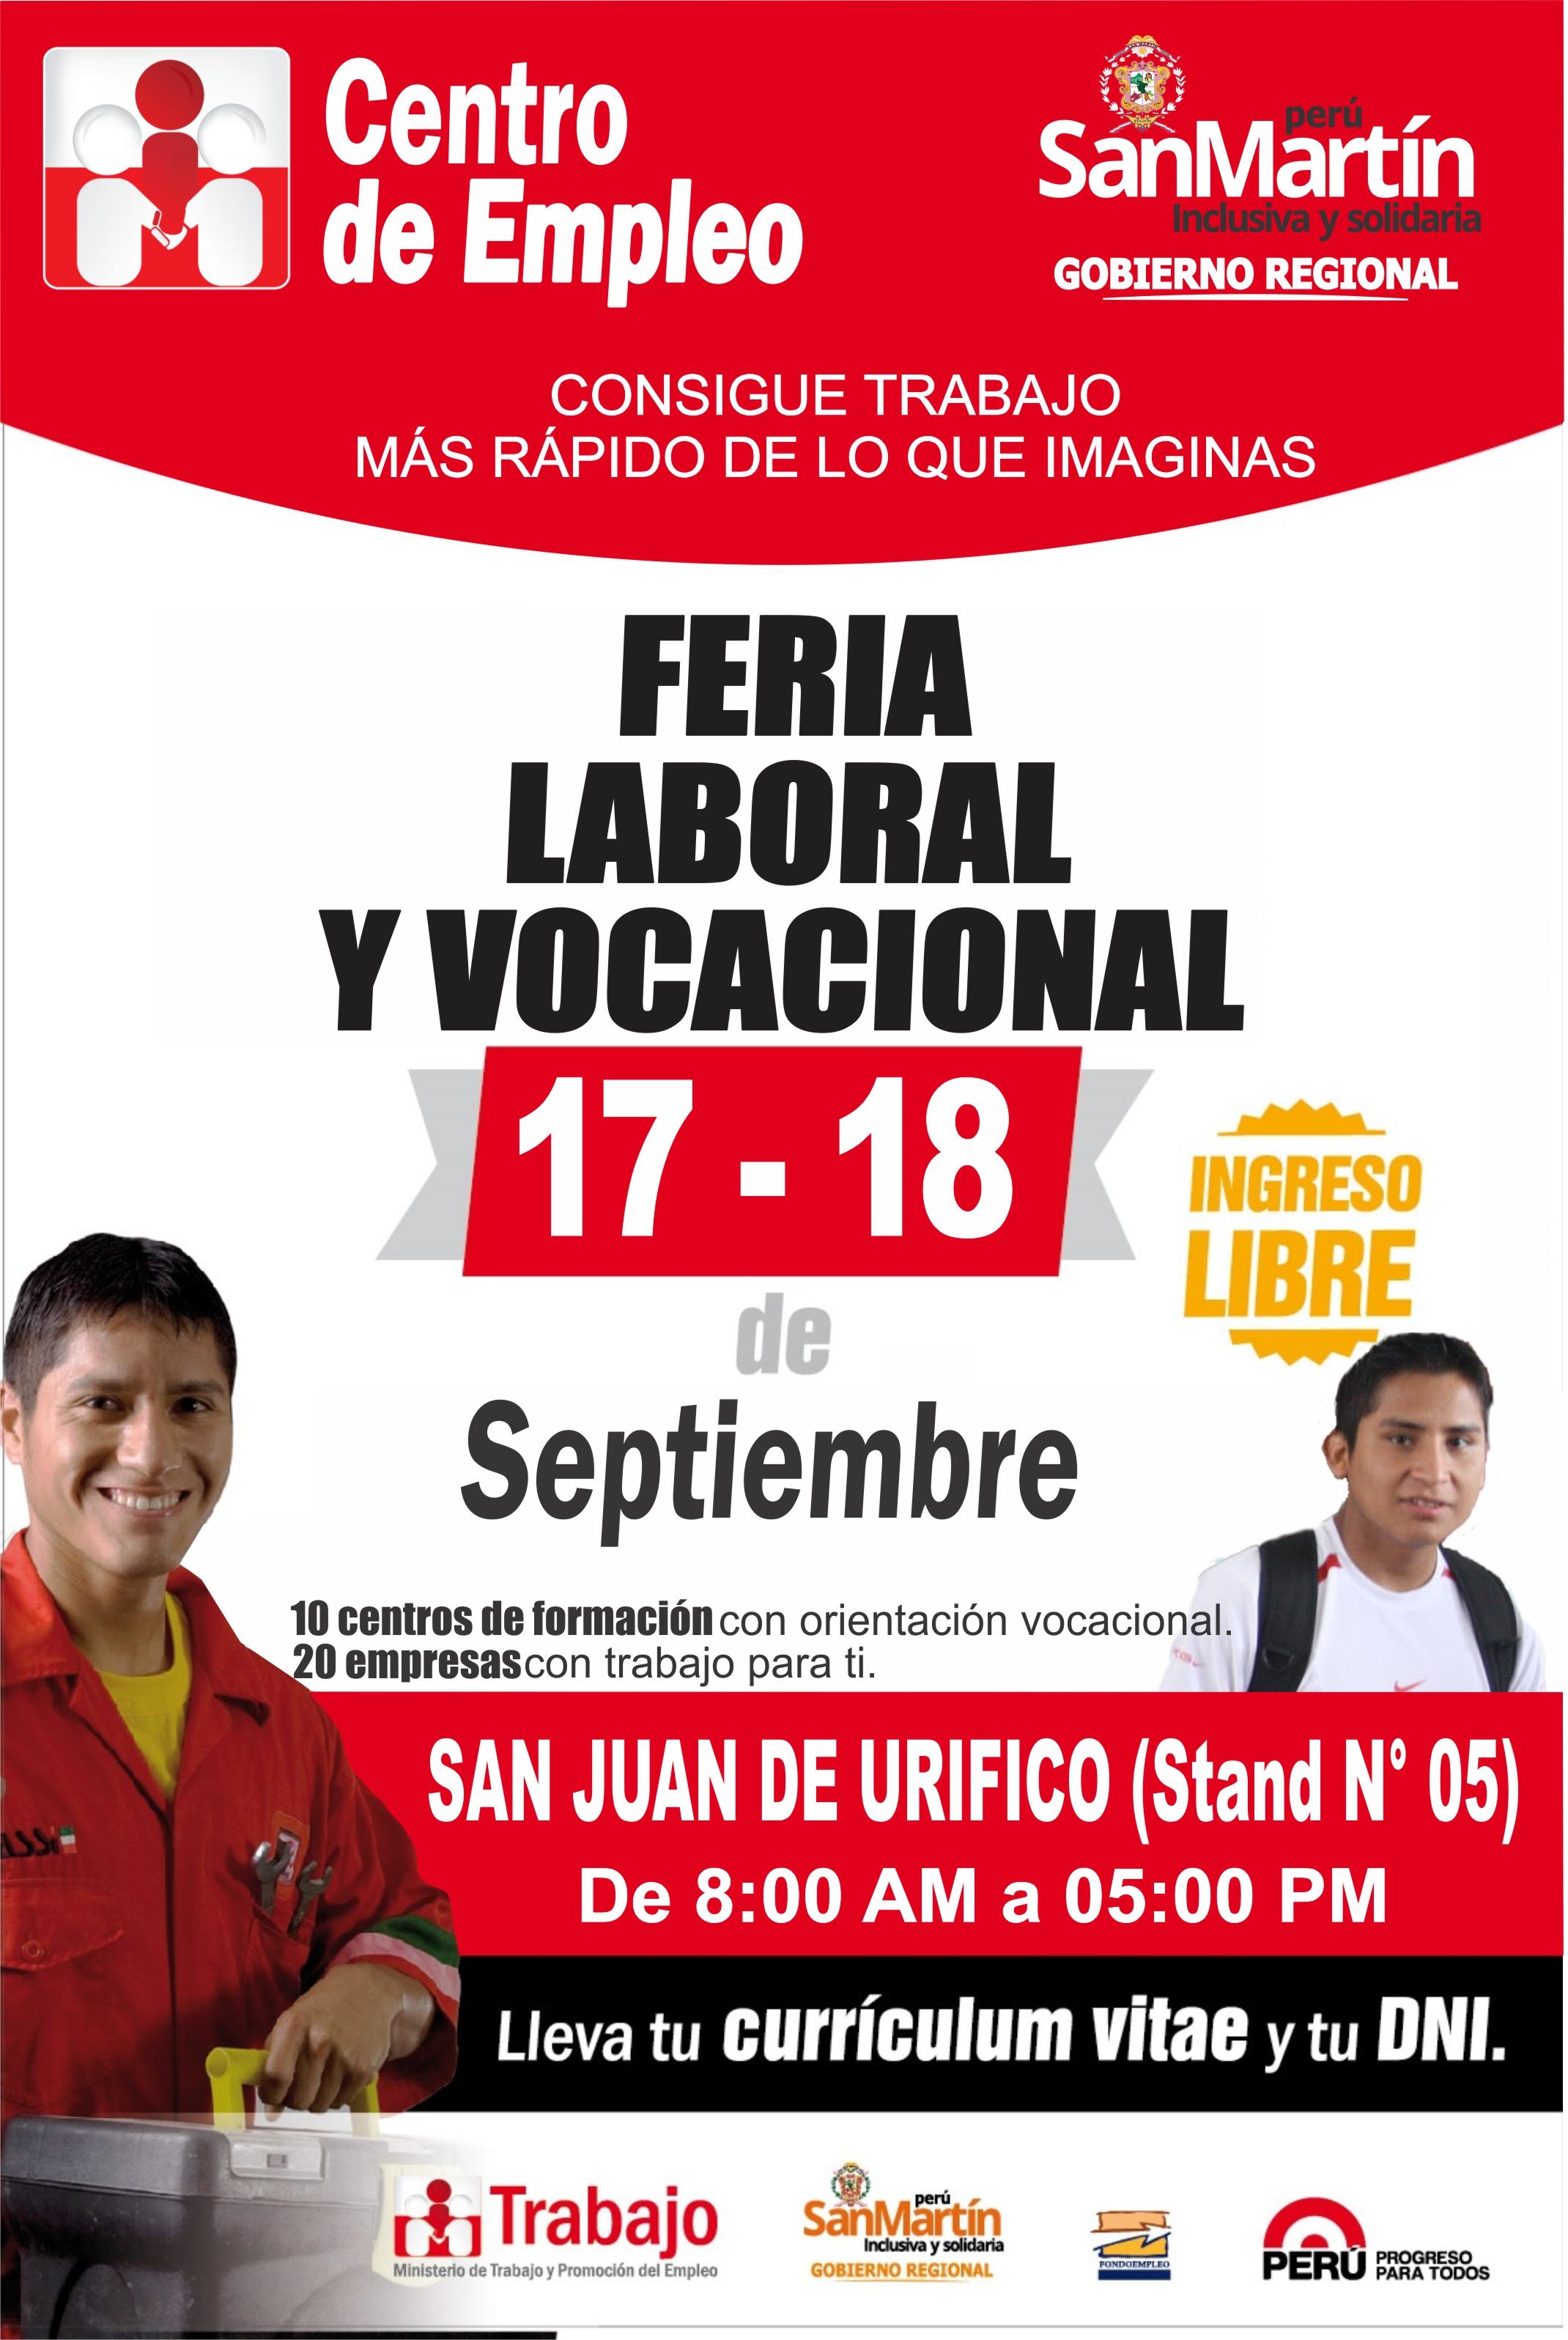 Feria Laboral y Vocacional en Rioja